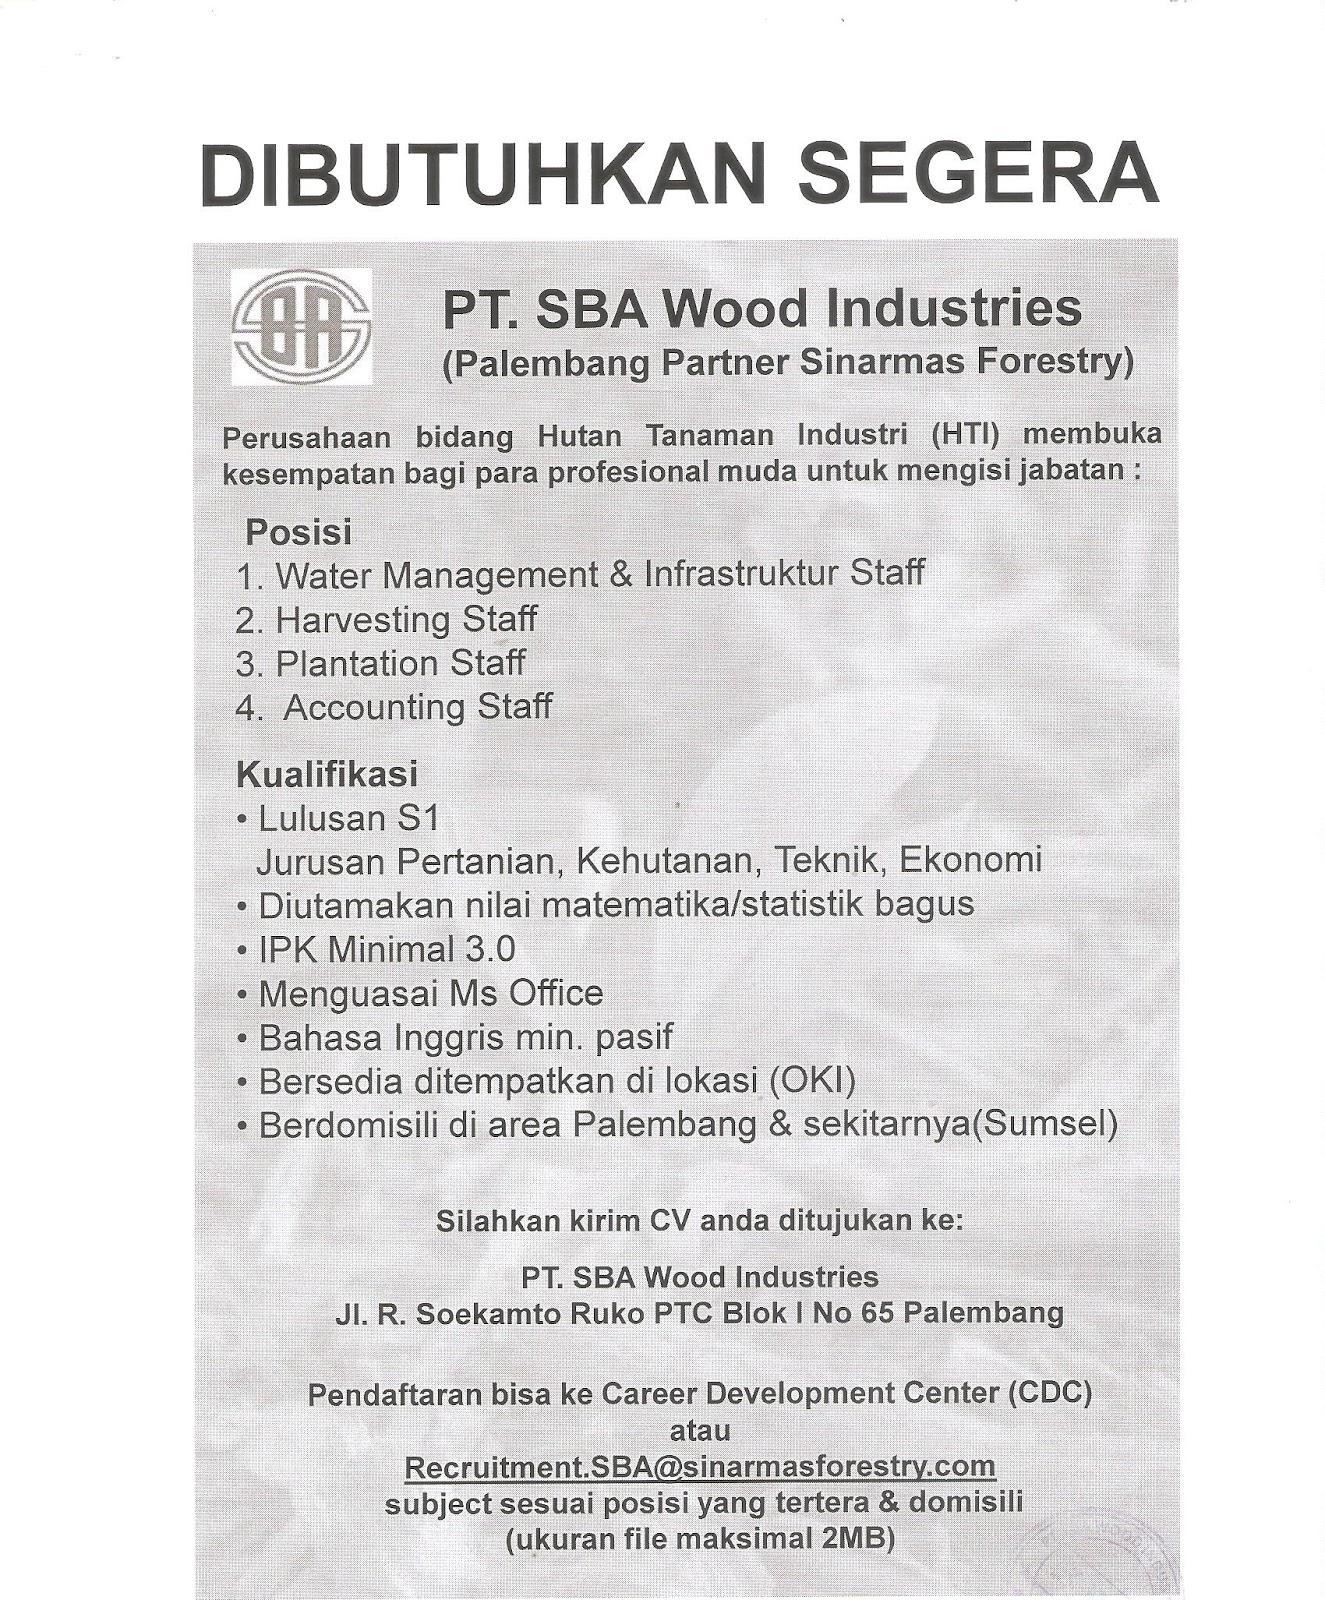 Lowongan Kerja Pt Sba Wood Industries Palembang 2017 Lowongan Kerja Terbaru Lulusan Sma D3 Dan S1 Semua Jurusan 2021